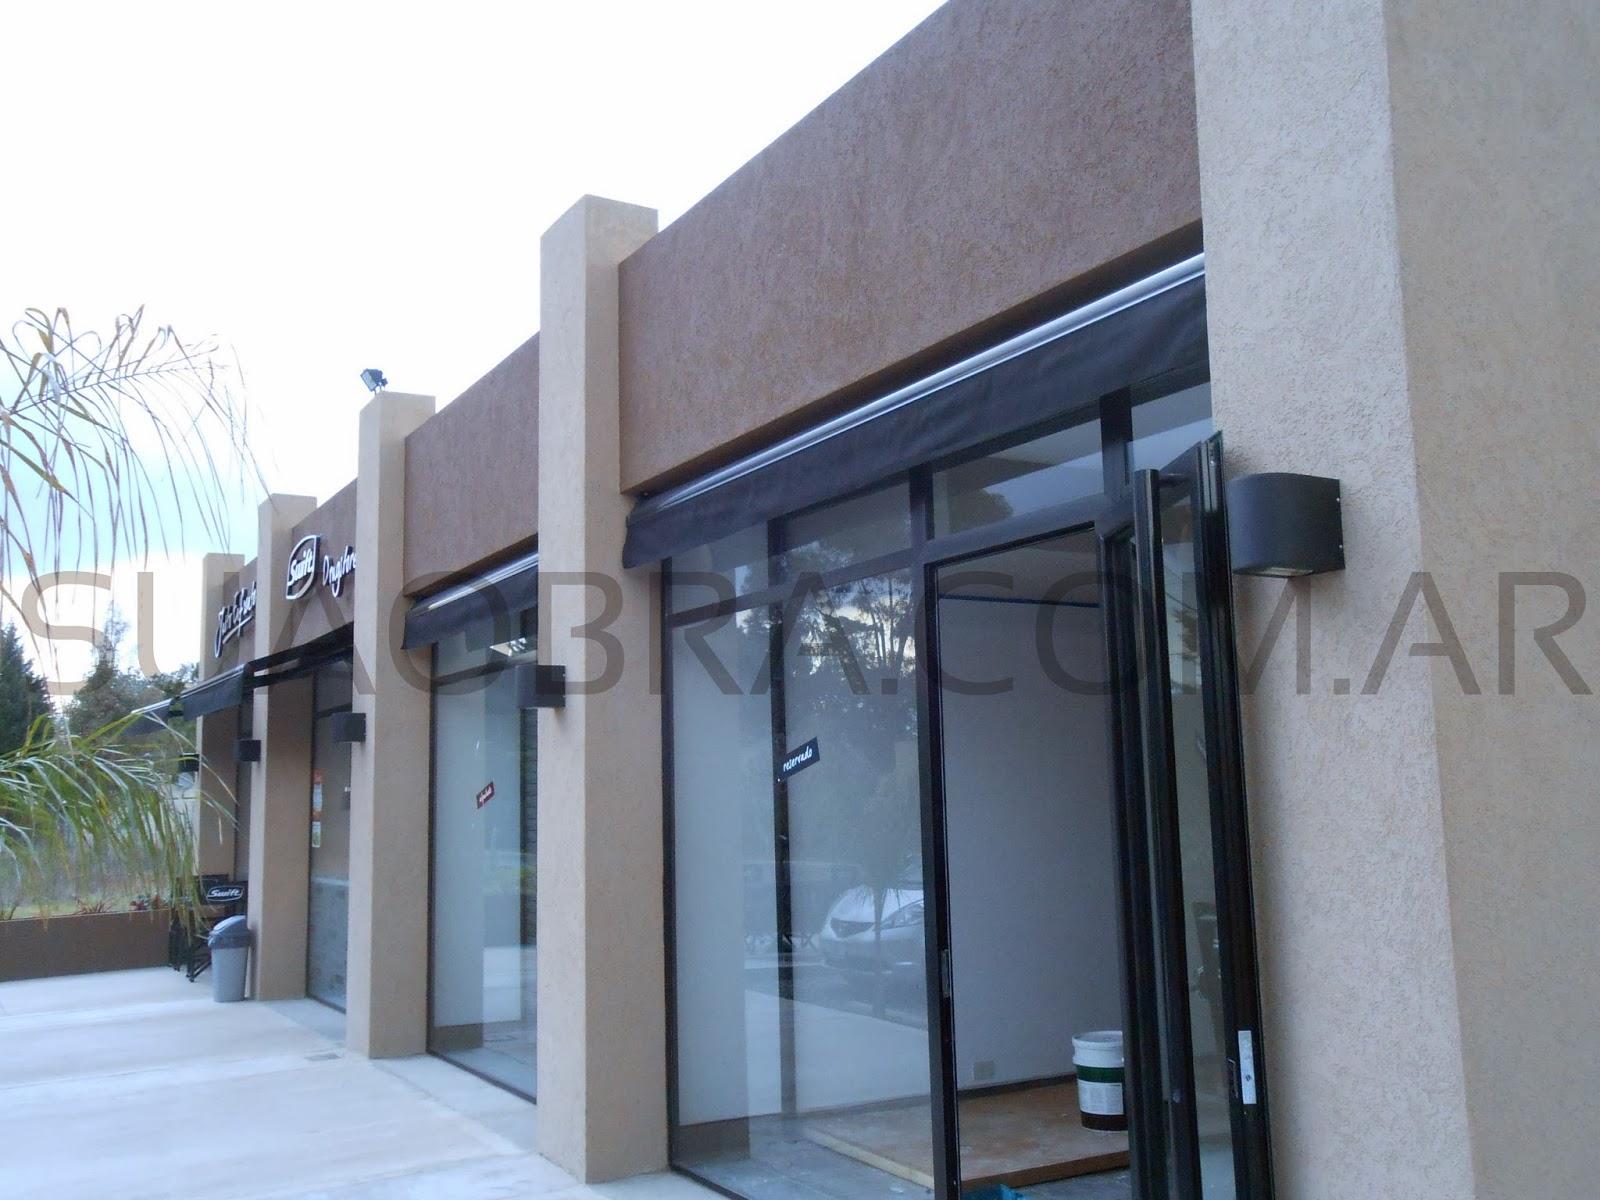 Colores de revestimientos pl sticos colores tierra y - Revestimiento de fachadas exteriores ...